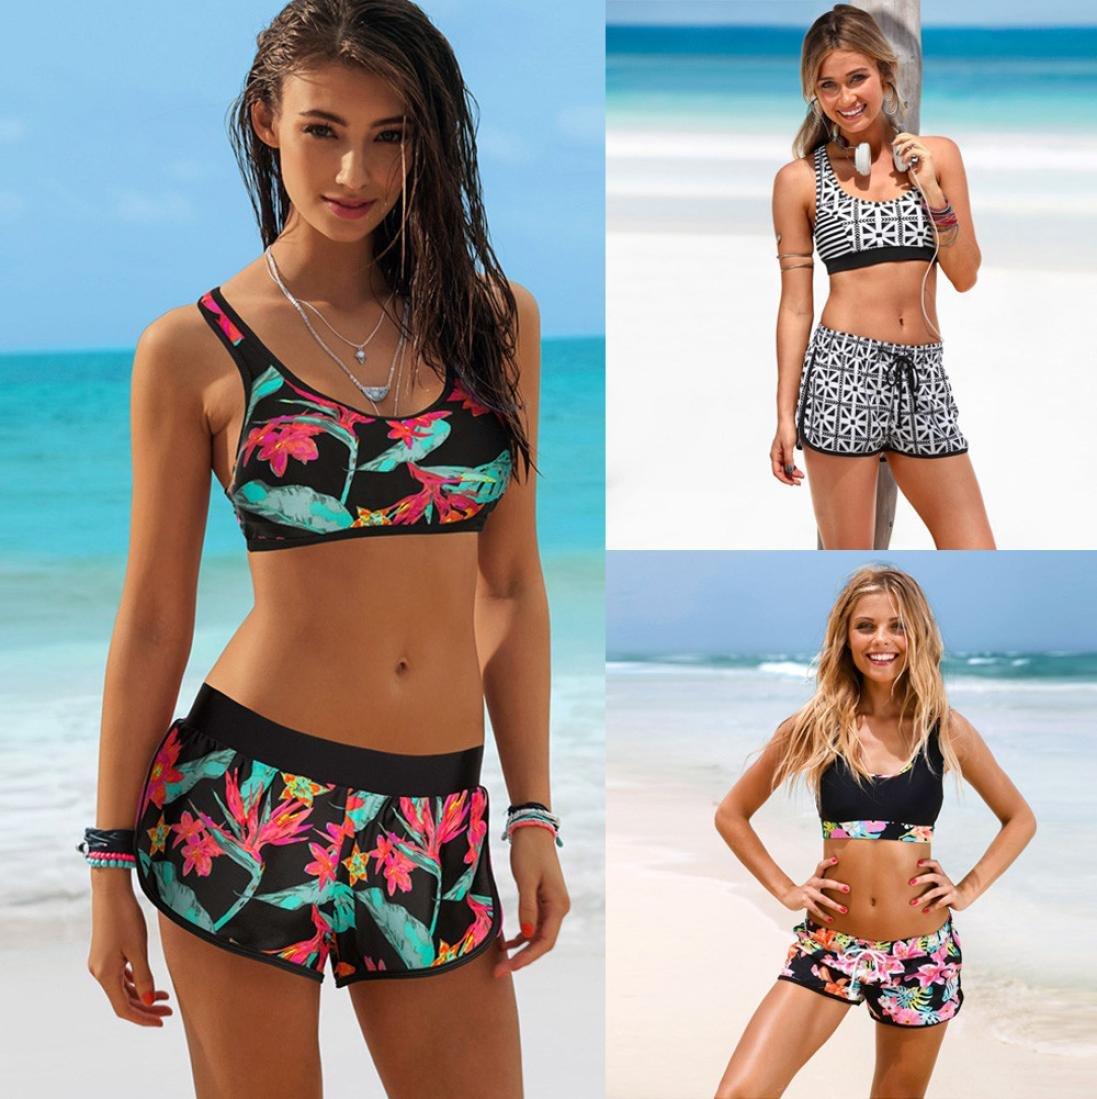 Amazon.com: Rambling Sexy Split Print Bikini Swimsuit, Womens Girls Lady  Costume Padded Swimsuit Monokini Swimwear Bikini Set: Kitchen & Dining